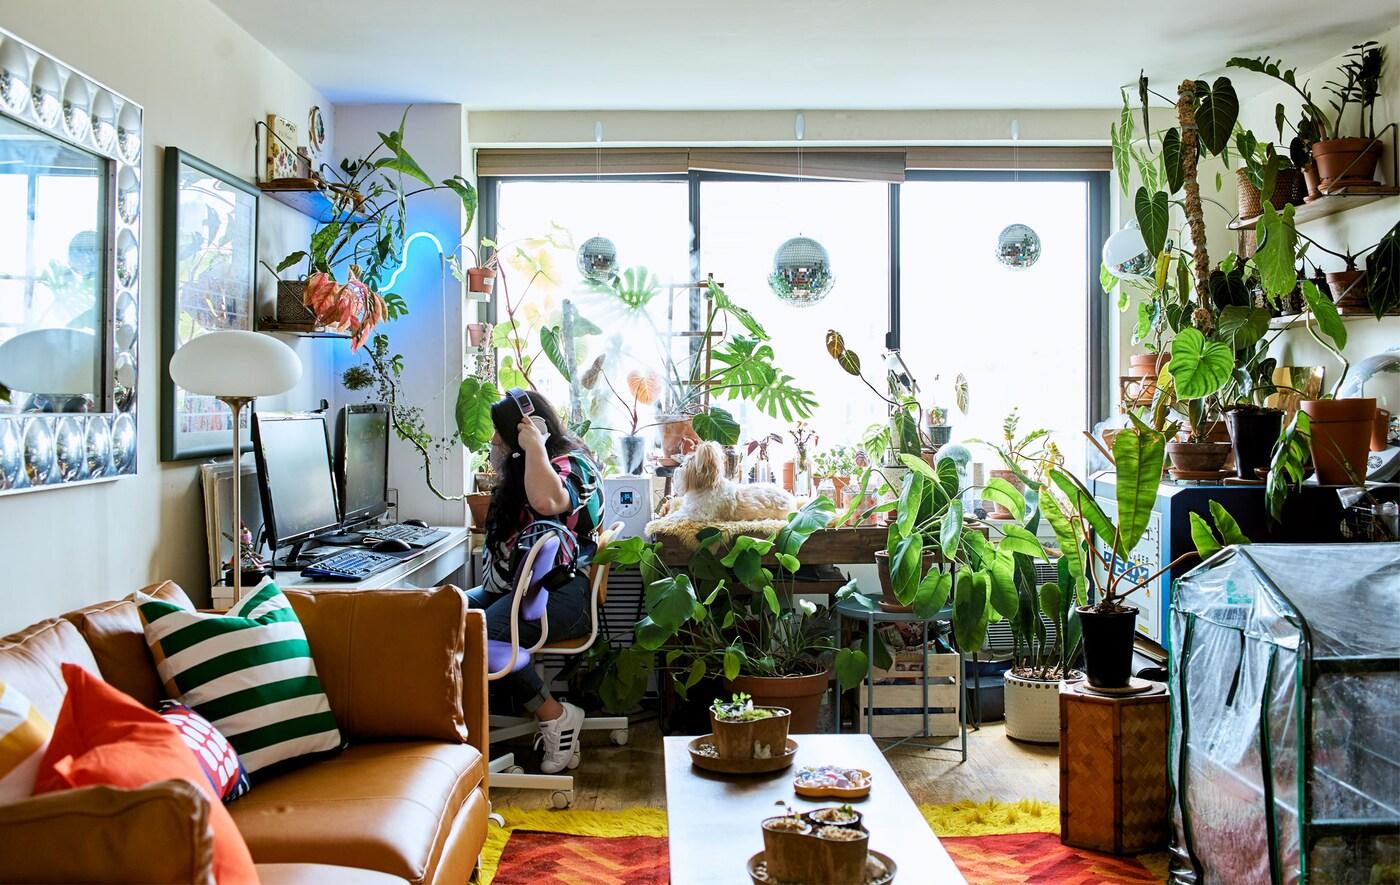 Otwarta przestrzeń mieszkalna z wyeksponowanymi roślinami i przestrzenią do pracy przy oknie.